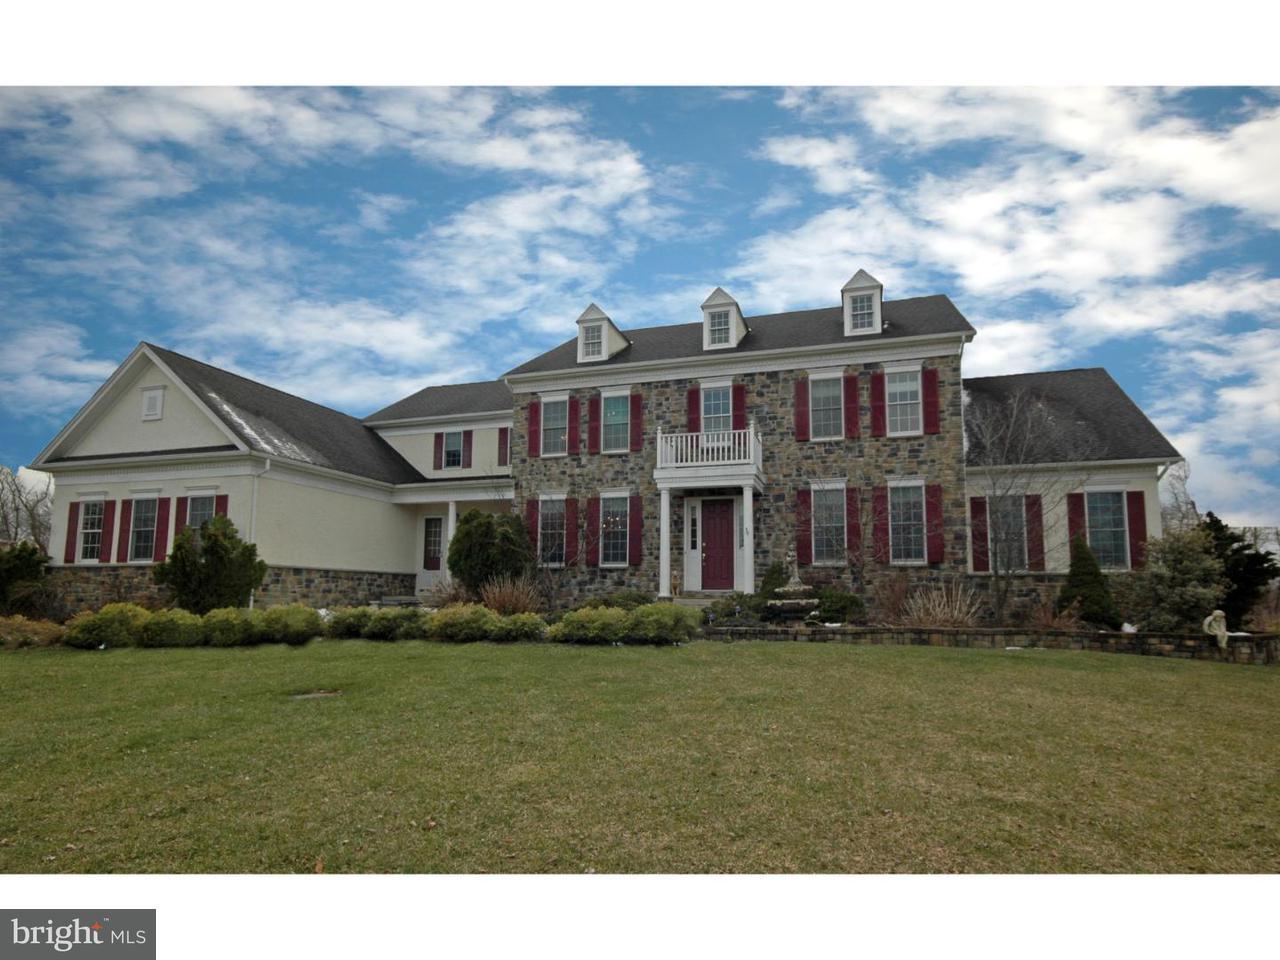 Einfamilienhaus für Verkauf beim 10 GRANT Drive Allentown, New Jersey 08514 Vereinigte StaatenIn/Rund um: Upper Freehold Township